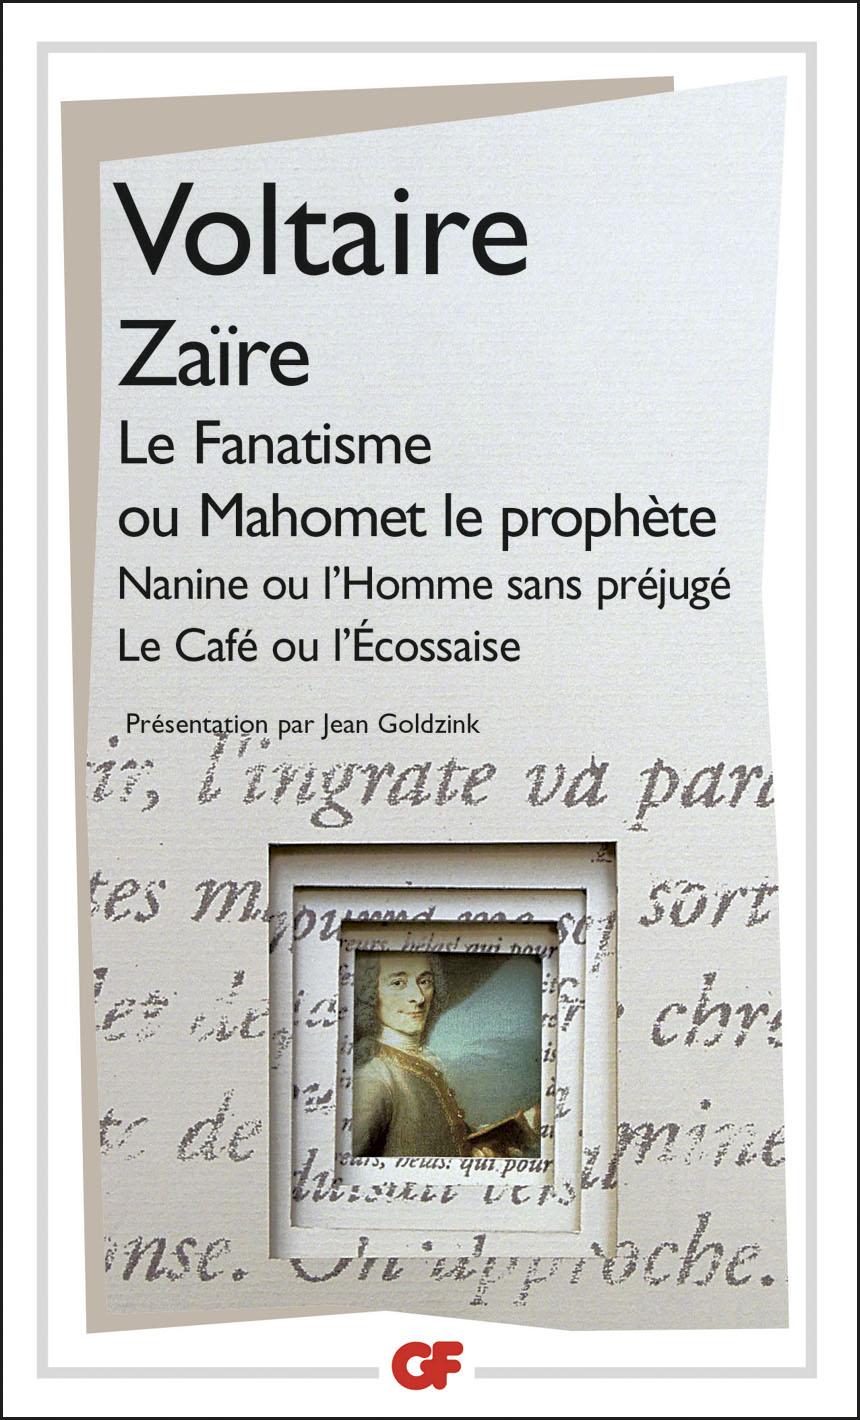 ZAIRE - LE FANATISME OU MAHOMET LE PROPHETE - NANINE OU L'HOMME SANS PREJUGES - LE CAFE OU L'ECOSSAI